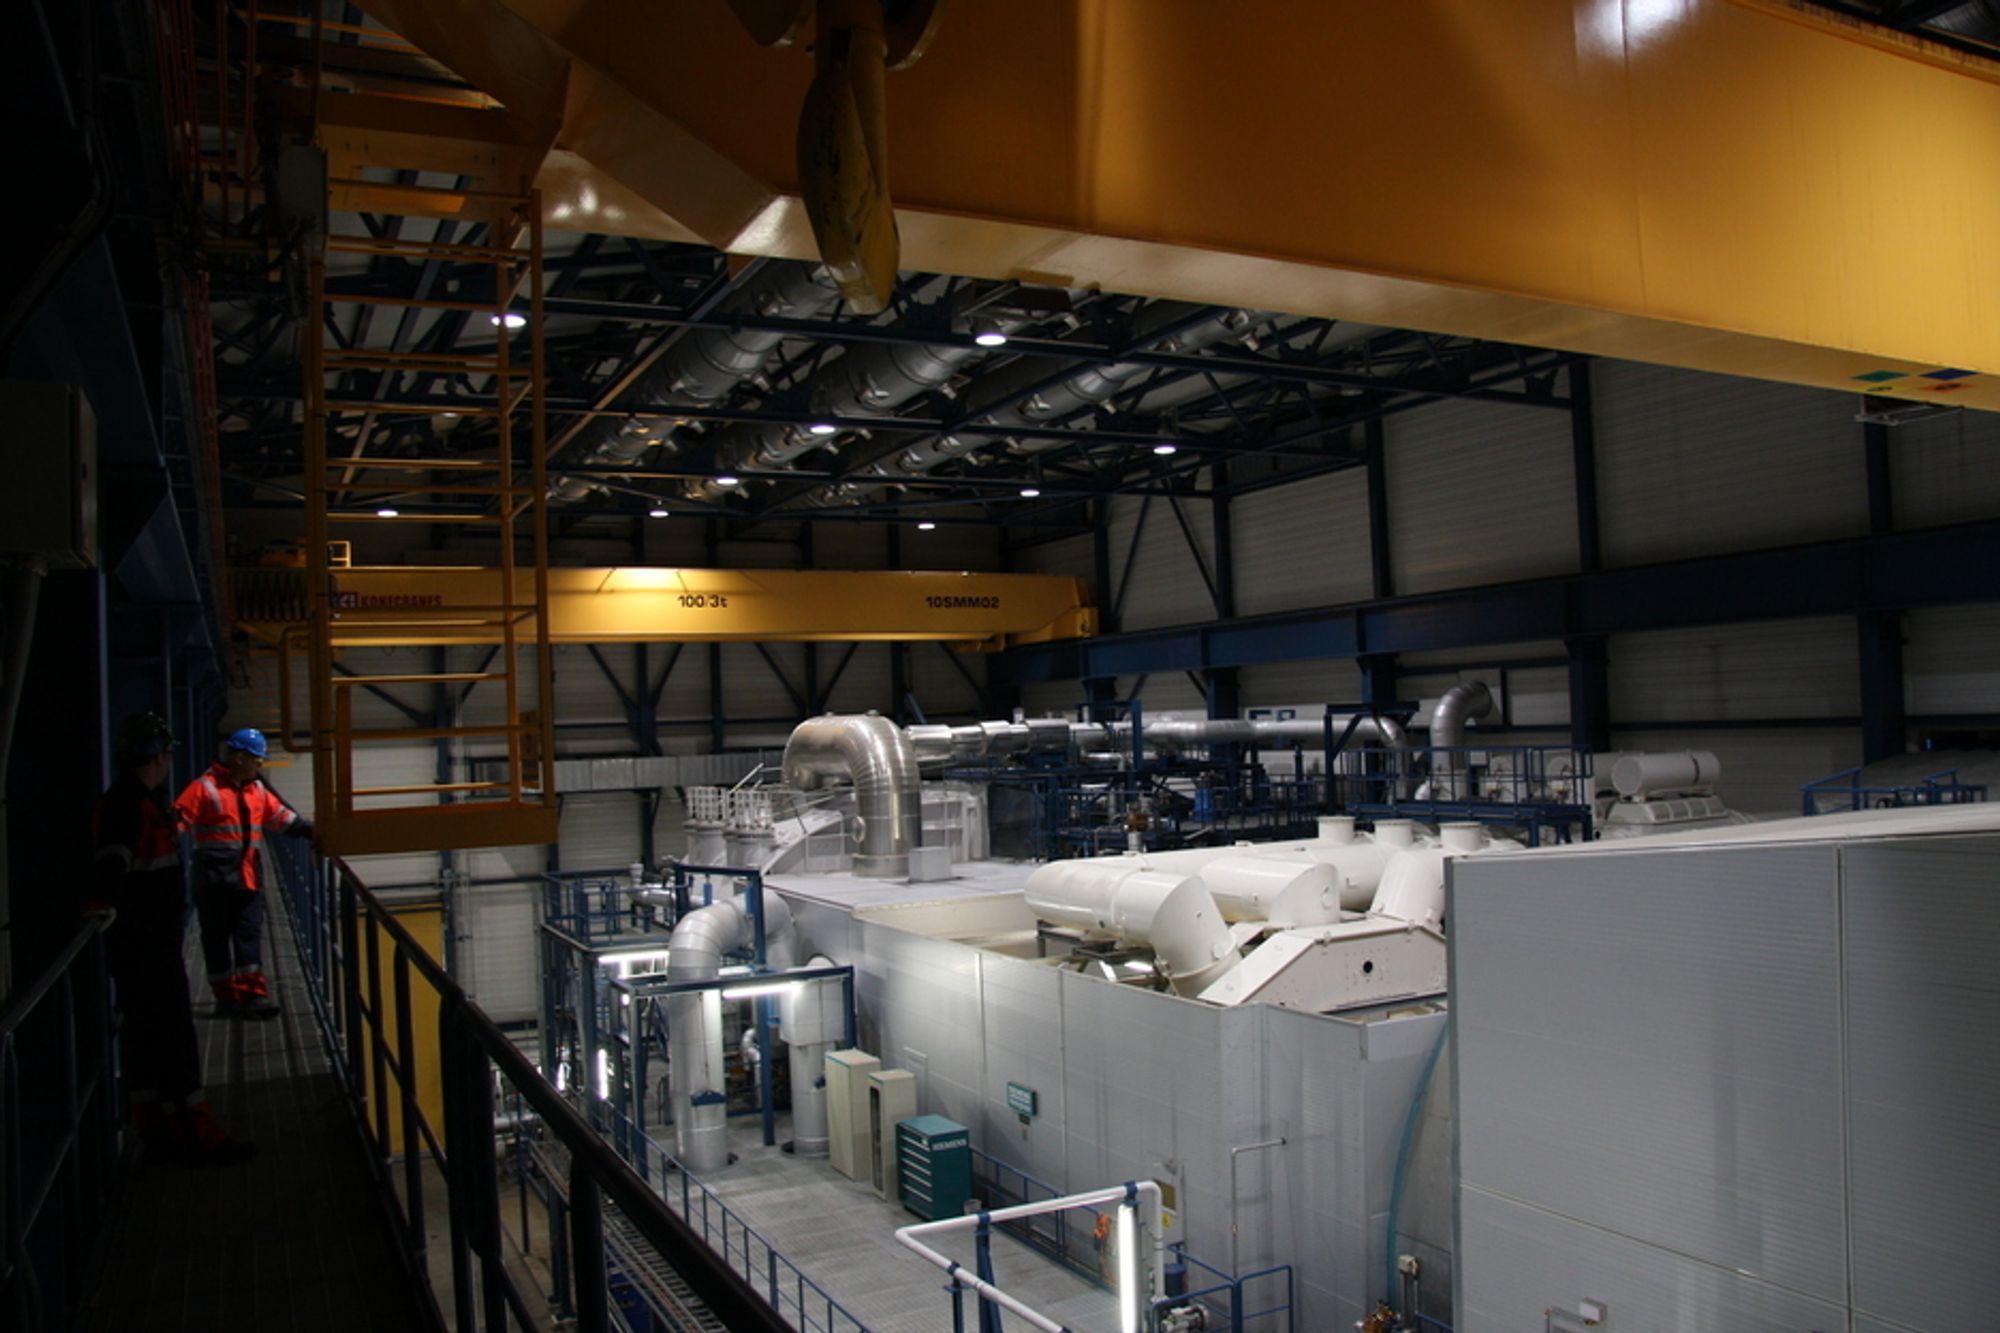 FRYKTER GASSEN: For mange gasskraftverk kan fortrenge fornybar energi, frykter energikomiteen i det britiske Underhuset. De frykter også forsinkelser fordi planverket er for dårlig rustet til alle ny vindkraft og atomkraft som skal inn på nettet. Illustrasjonsfoto fra gasskraftverket på Kårstø.